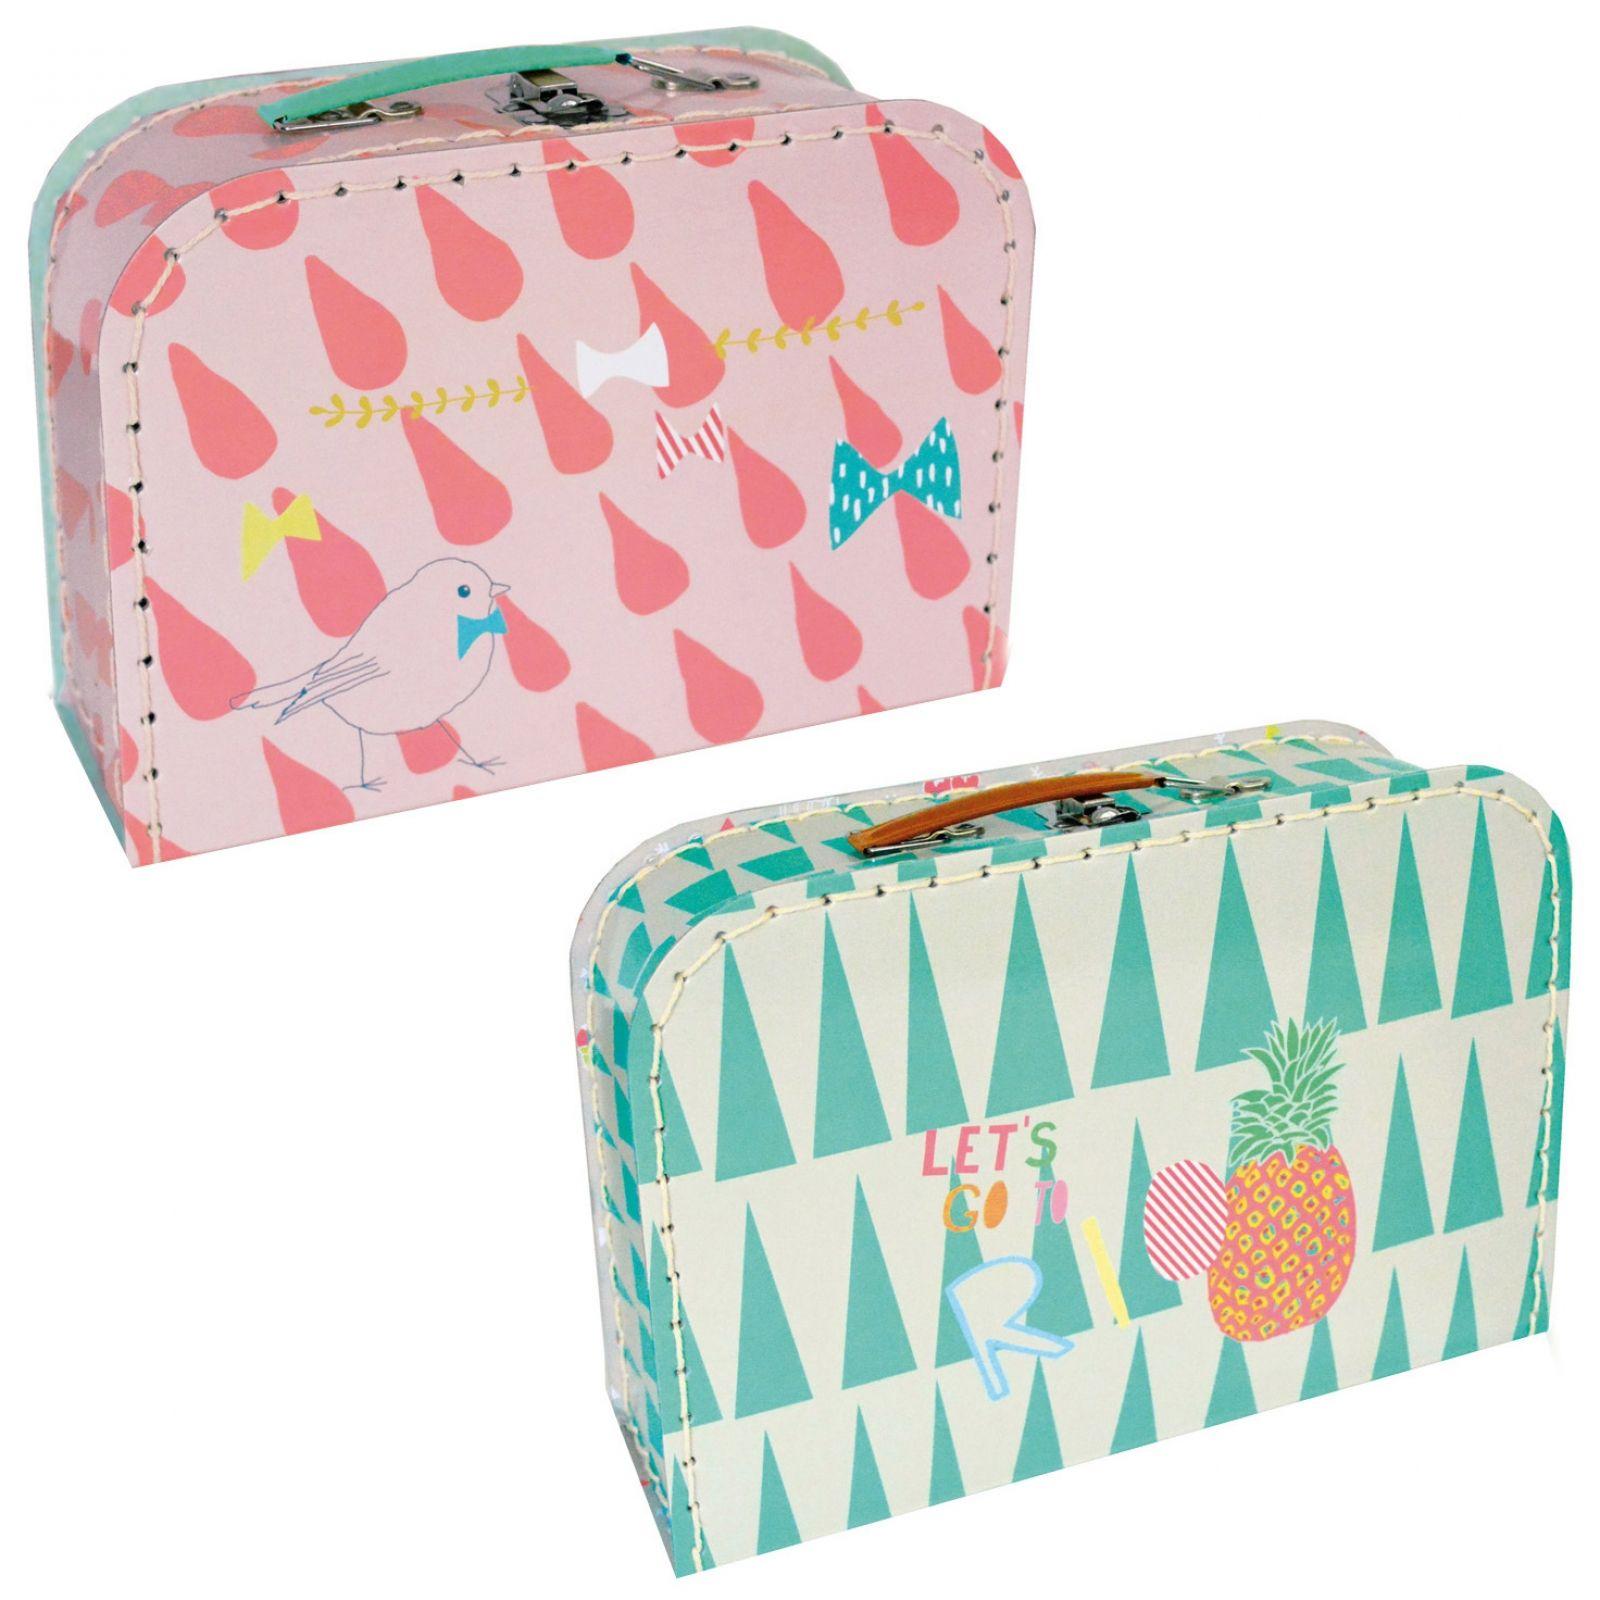 Set de deux valisettes Rio vert et rose : Mimi'lou - Valisette décorative - Berceau Magique